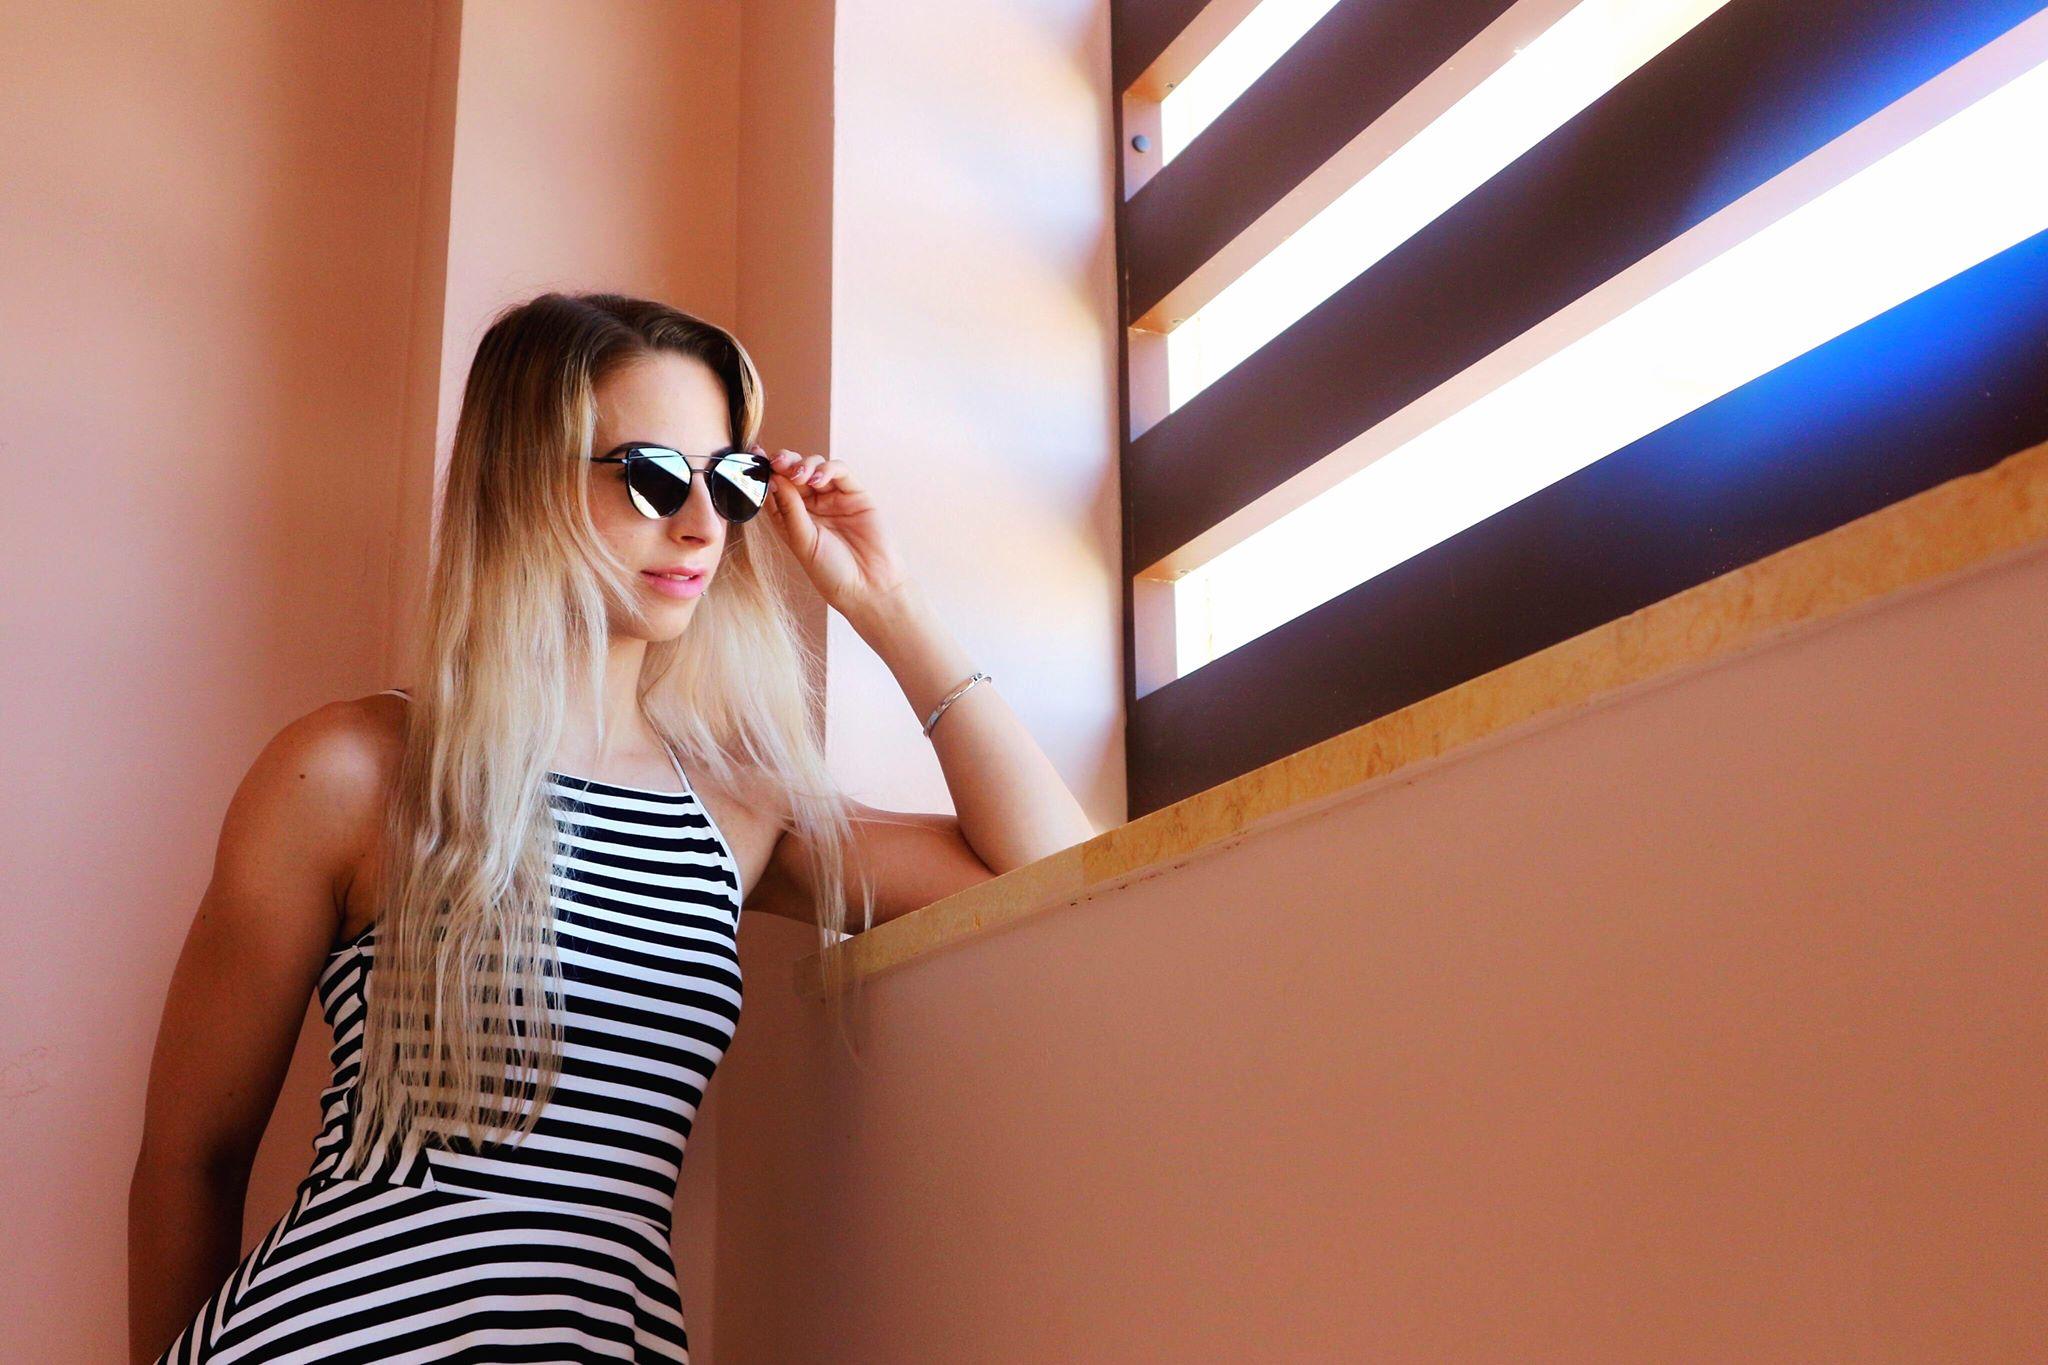 Henriette med solbriller på. Passion skønhed